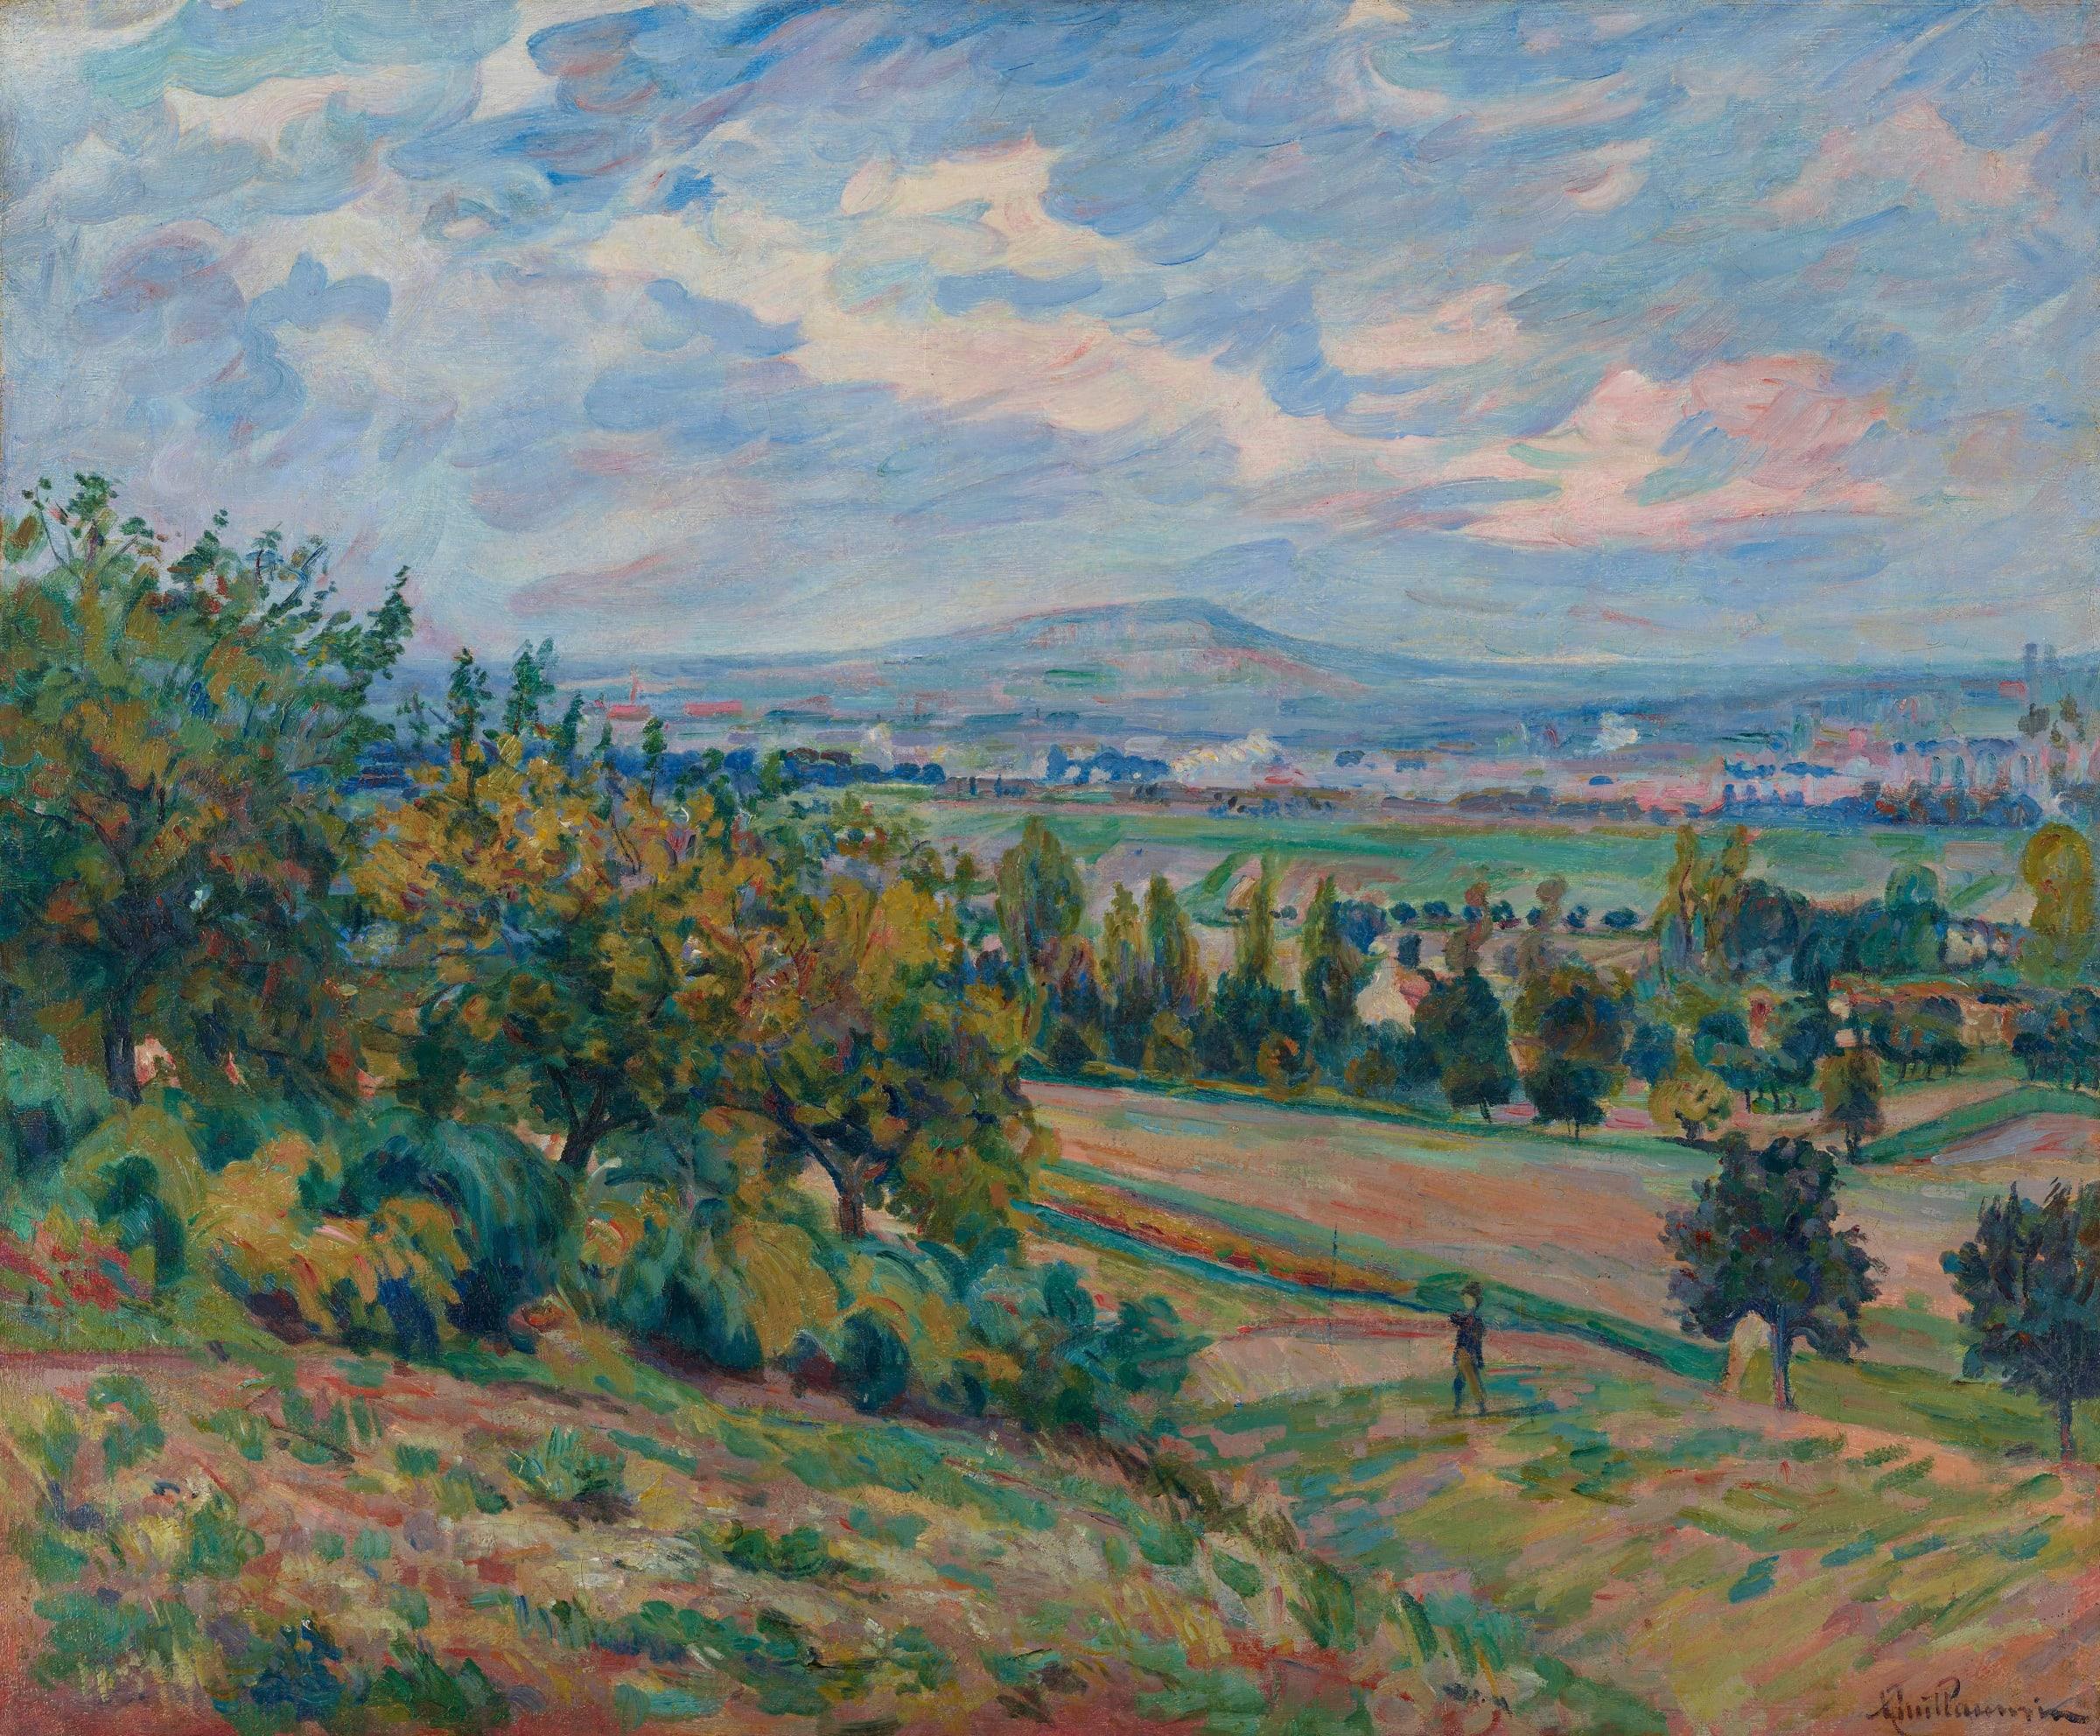 """<span class=""""link fancybox-details-link""""><a href=""""/artists/45-armand-guillaumin/works/9384-armand-guillaumin-vue-de-lhay-les-roses-ile-de-france-c.1873/"""">View Detail Page</a></span><div class=""""artist""""><span class=""""artist""""><strong>Armand Guillaumin</strong></span></div><div class=""""title""""><em>Vue de L'Haÿ-les-roses, Île-de-France</em>, c.1873</div><div class=""""signed_and_dated"""">Signed lower right</div><div class=""""medium"""">Oil on canvas</div><div class=""""dimensions"""">53.8 X 64.8 cm<br /> 21 3/16 X 25 9/16 inches</div>"""